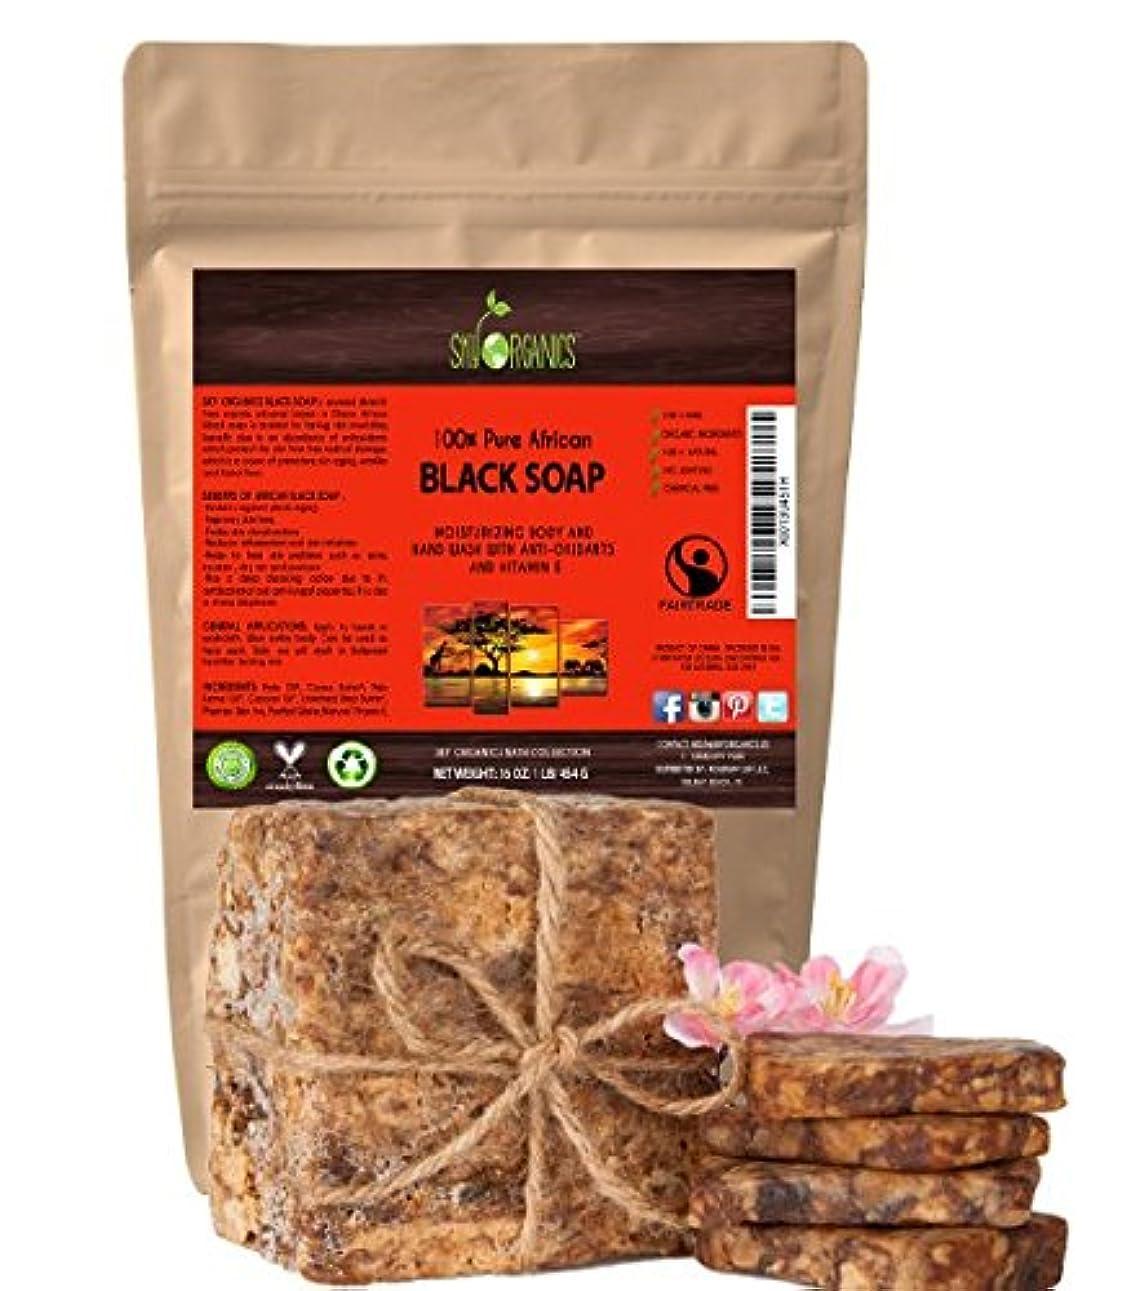 スリッパ単語建築家切って使う オーガニック アフリカン ブラックソープ (約4563gブロック)Organic African Black Soap (16oz block) - Raw Organic Soap Ideal for Acne...